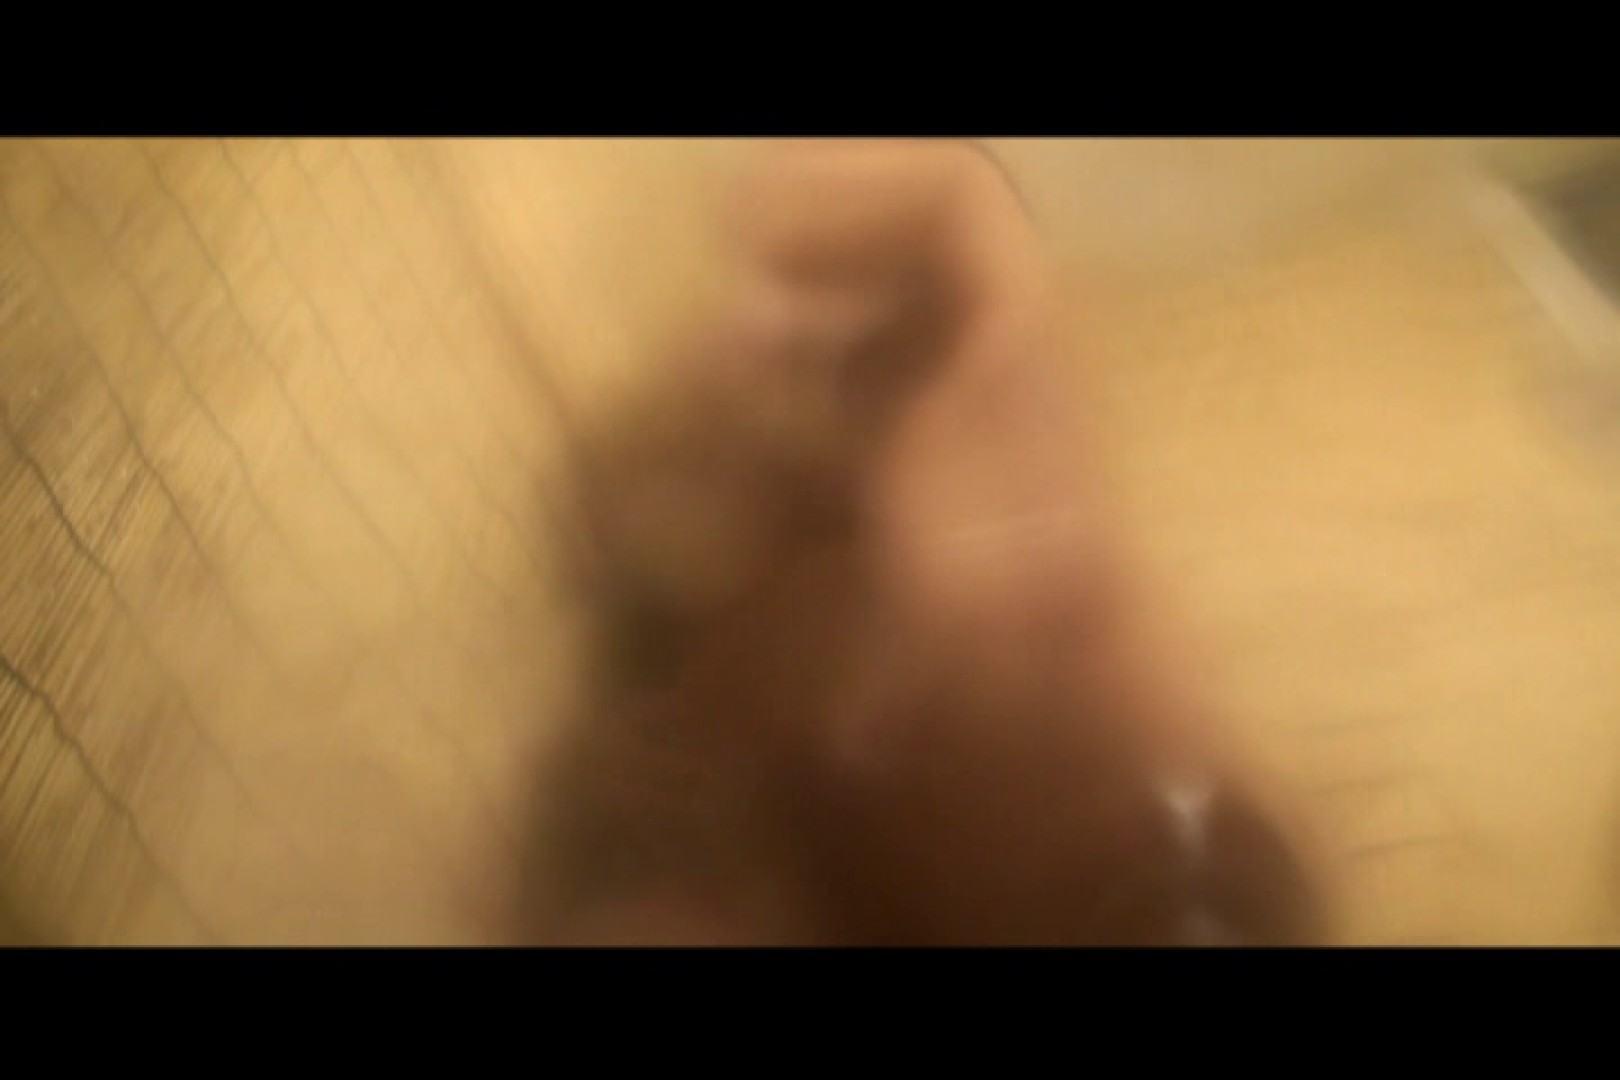 トロイさんのプールシャワー盗撮 vol.03 OLのボディ 性交動画流出 84PIX 59